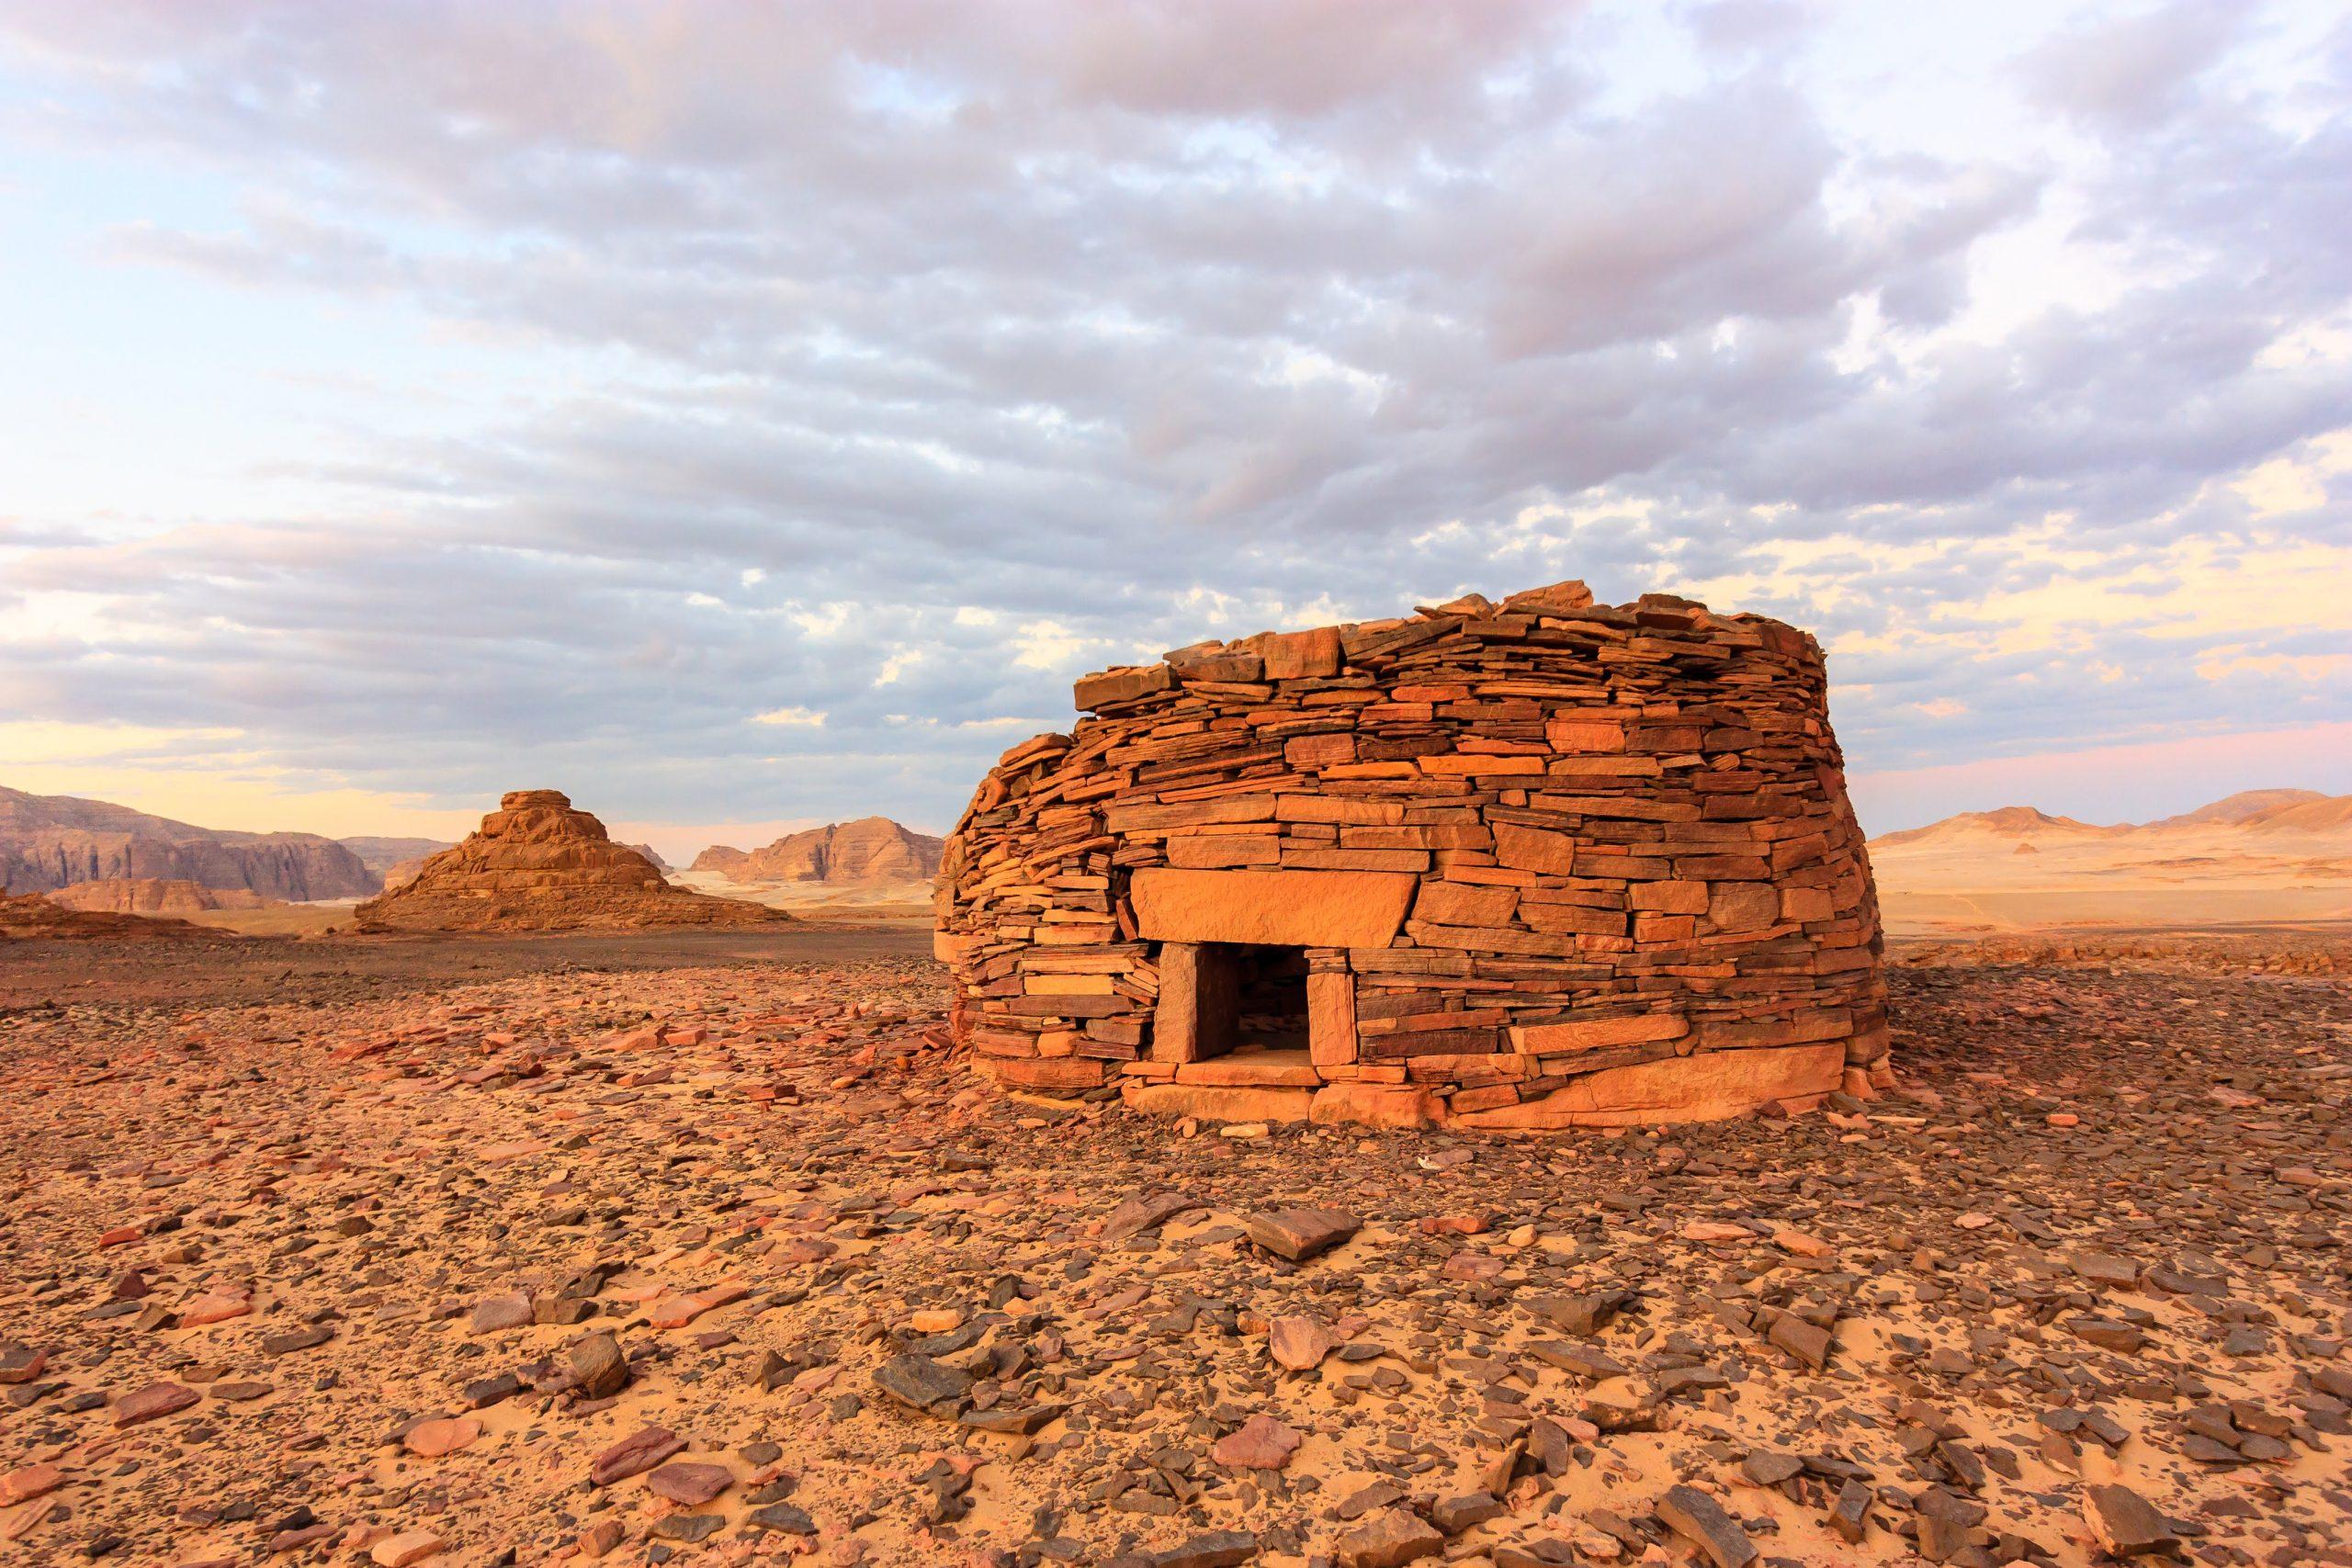 Visit Nawamis Sinai